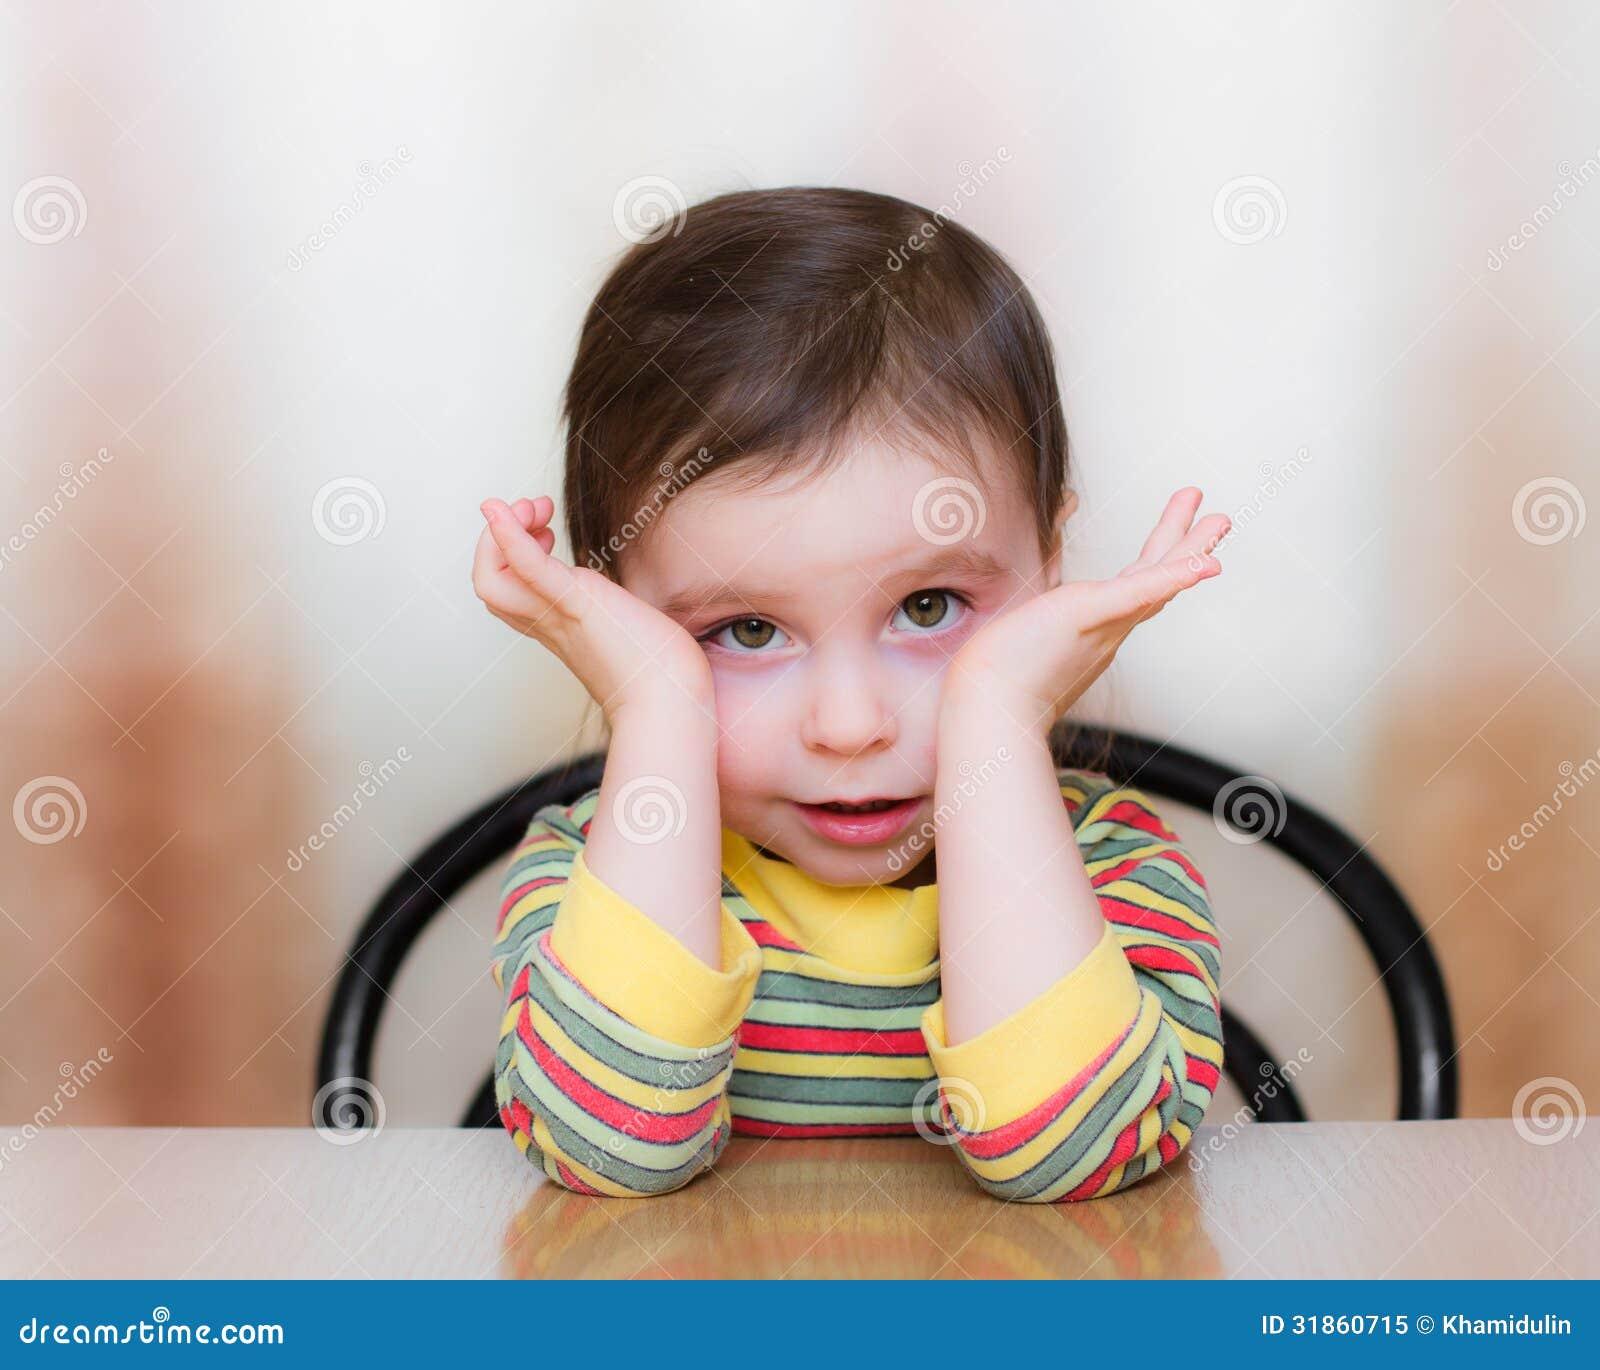 Frightened Child Royalty Free Stock Photo - Image: 31860715